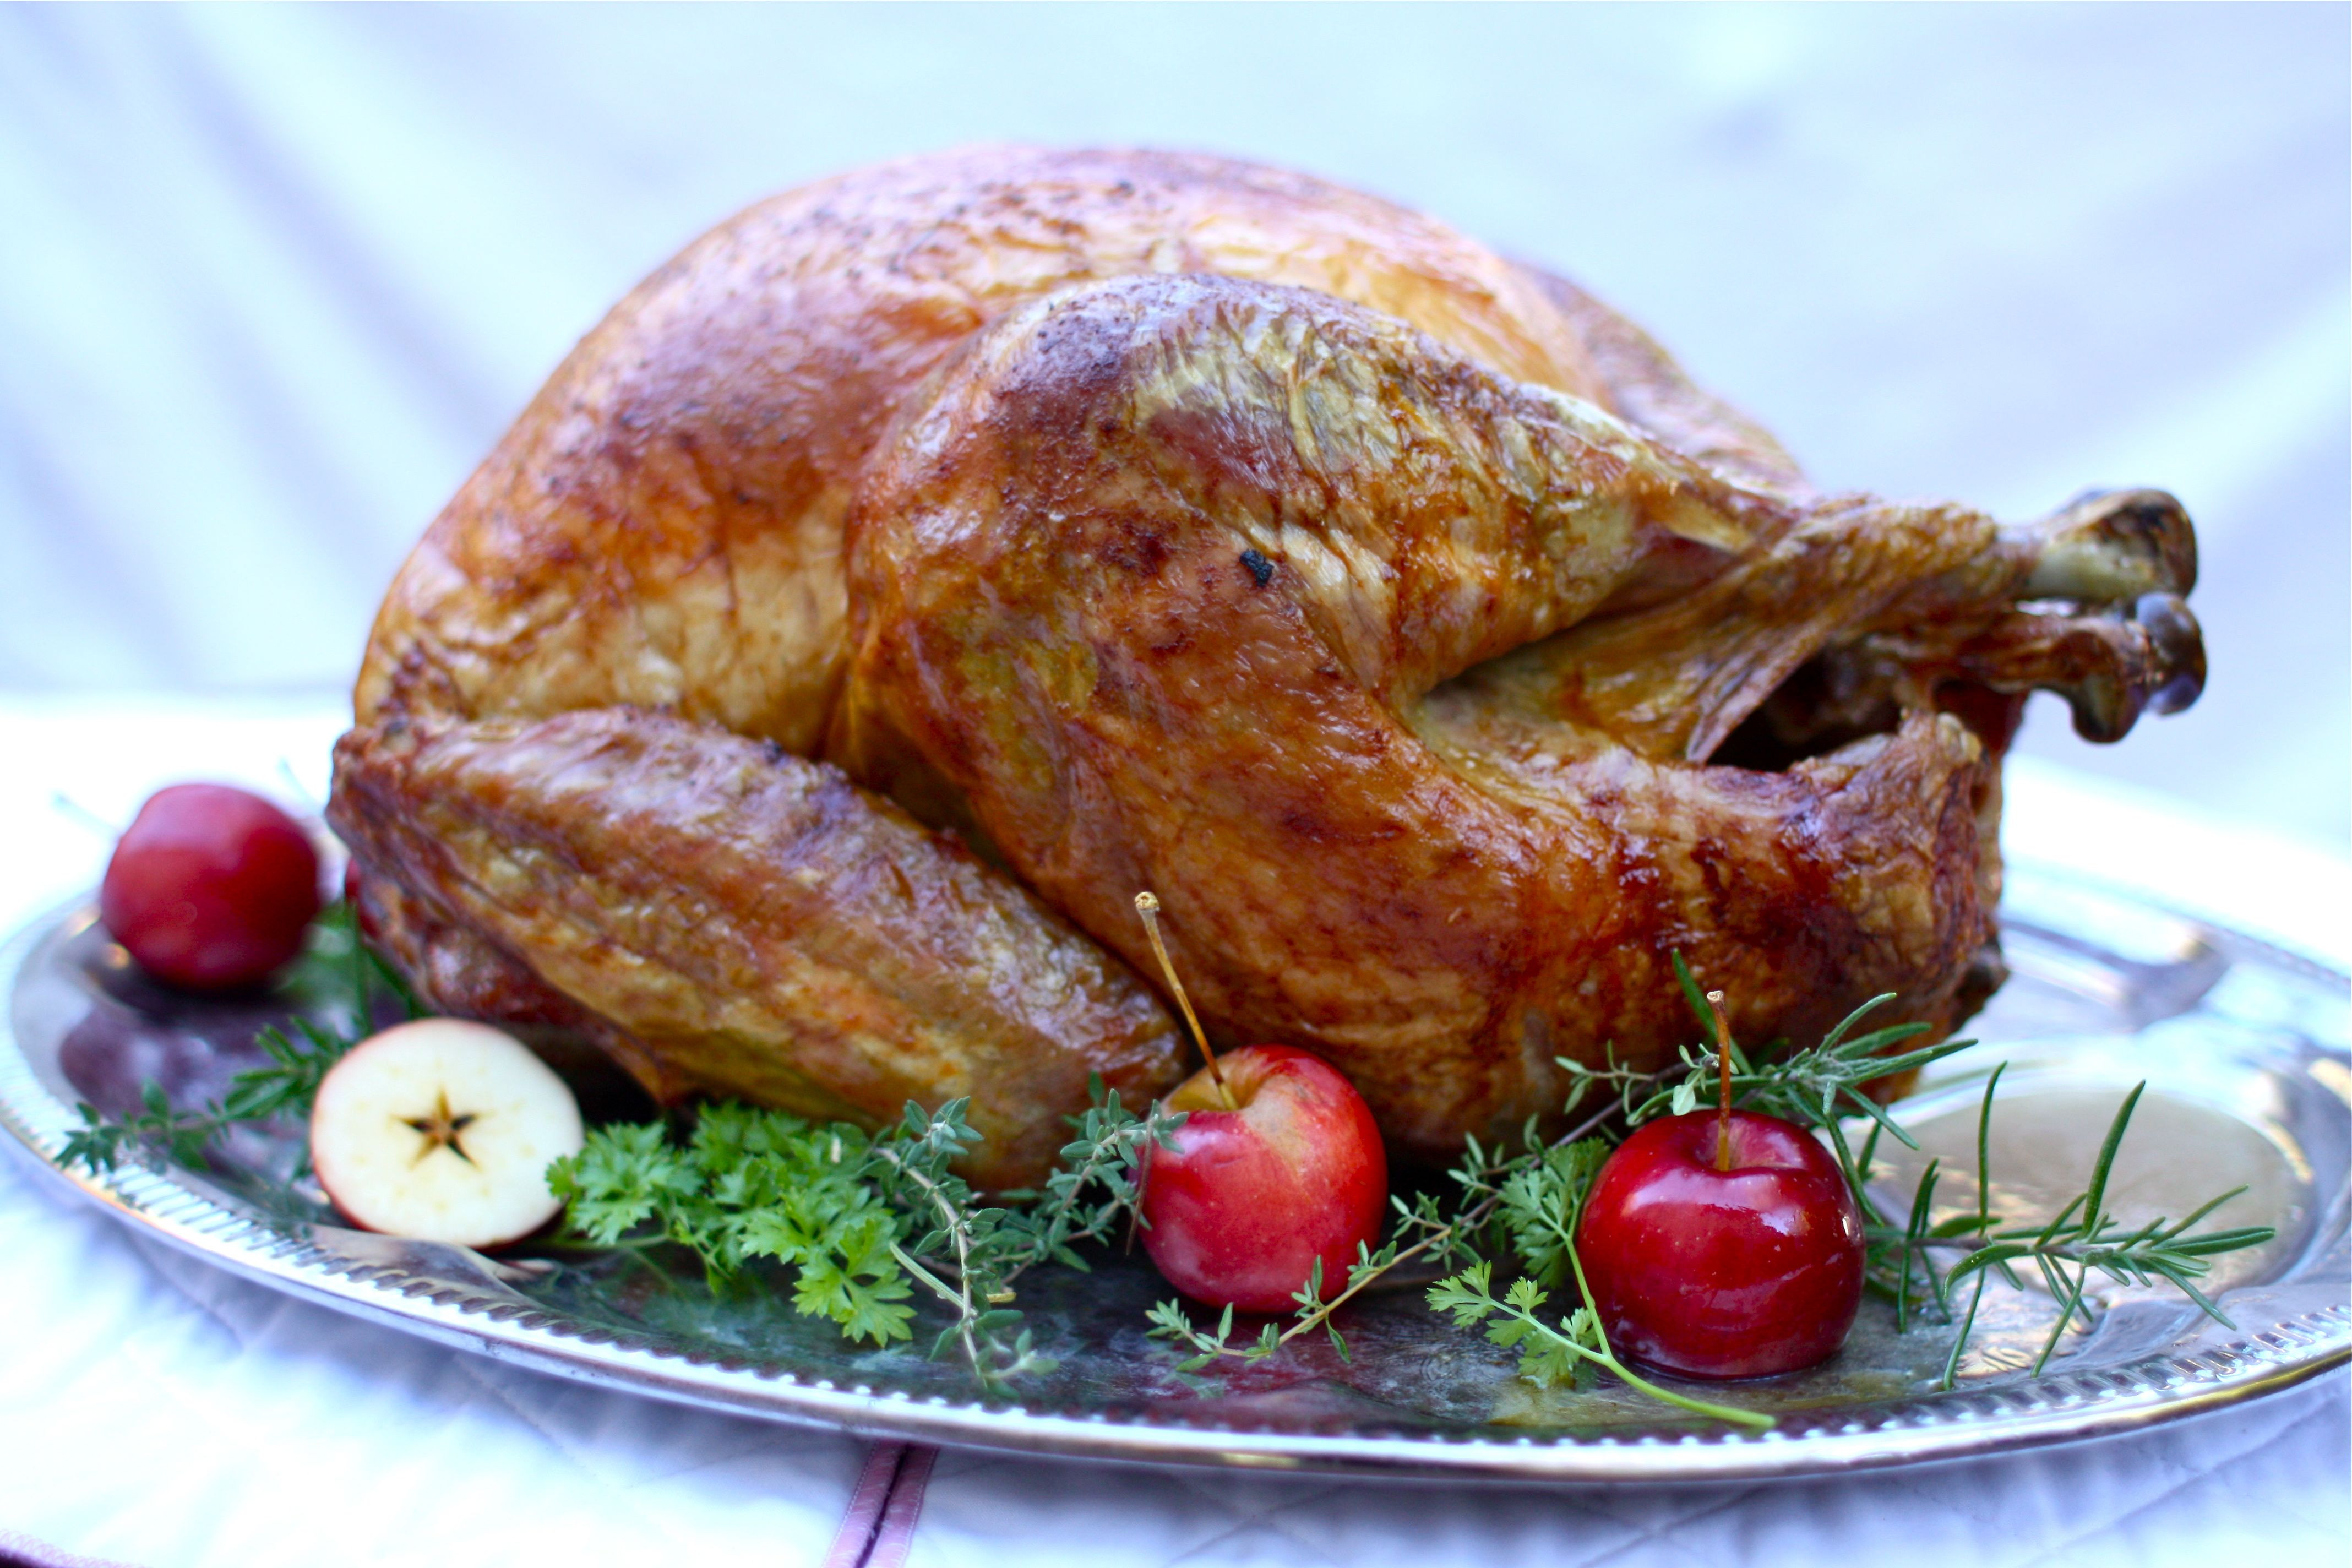 Whole Food Thanksgiving Turkey  10 mon Turkey Mistakes You Won't Make This Thanksgiving